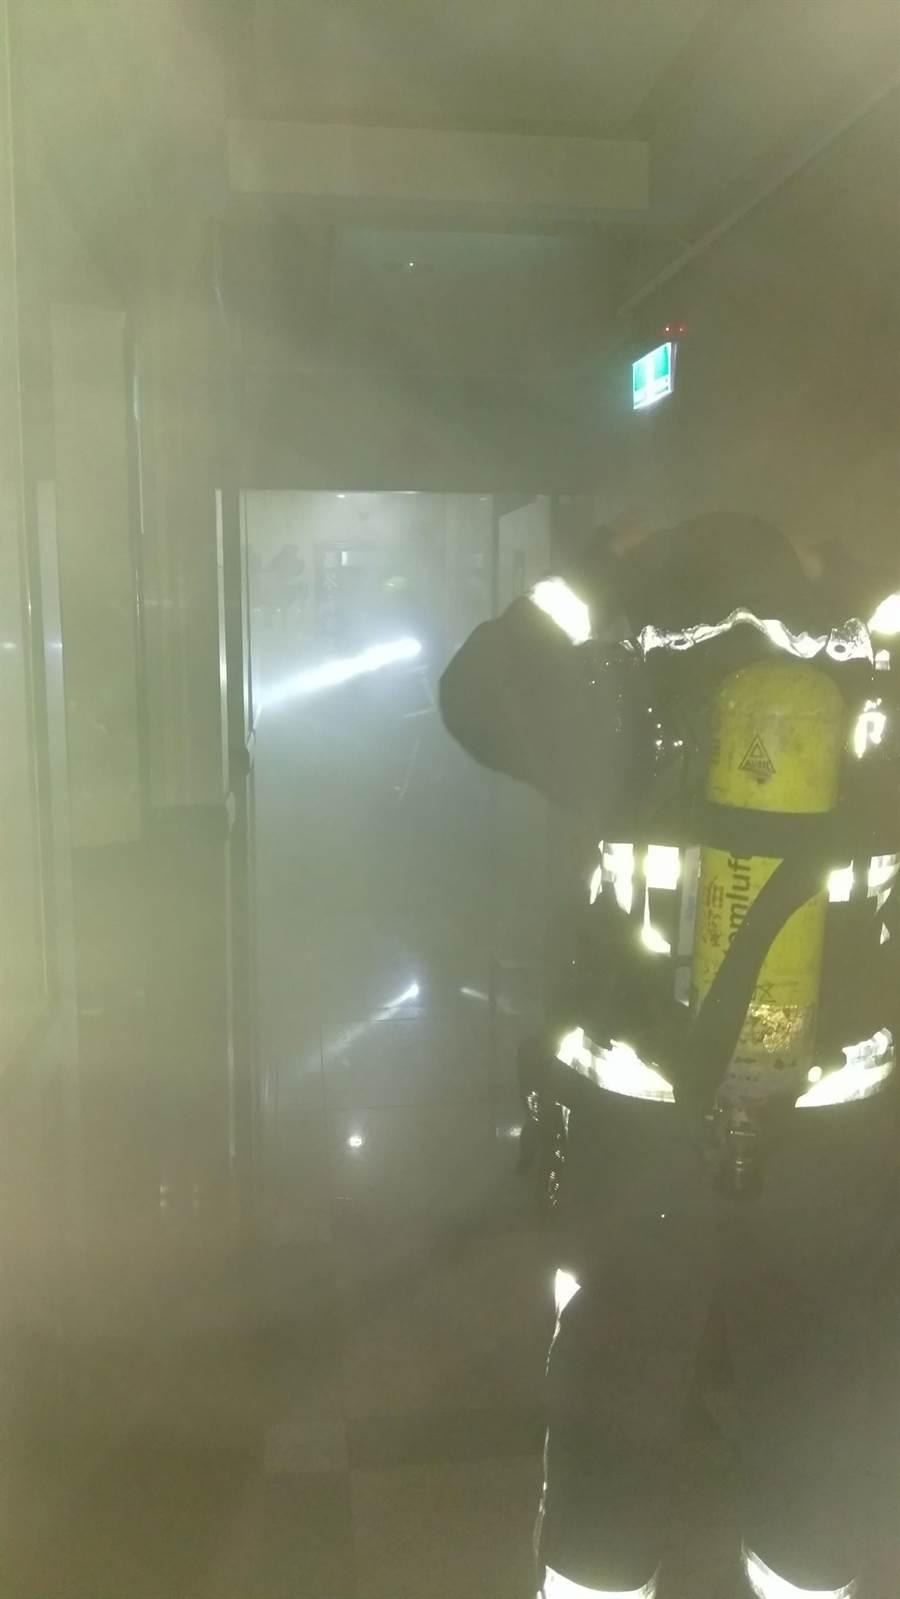 中市黎明路某大樓住戶,因除濕機短路自燃,頓時屋內煙霧瀰漫。(黃國峰翻攝)